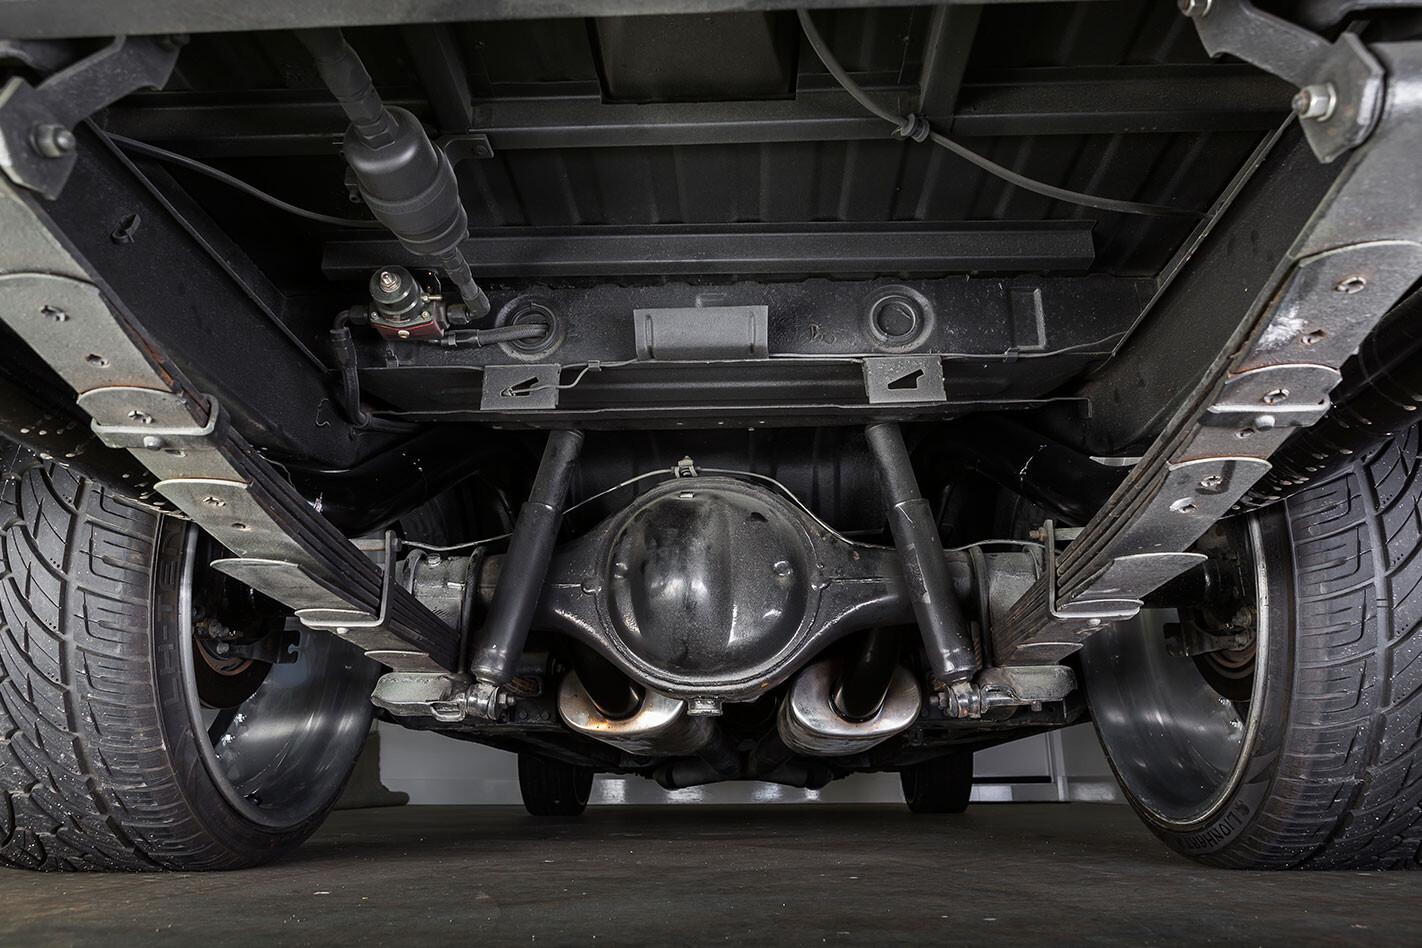 Chrysler CL Valiant ute underside